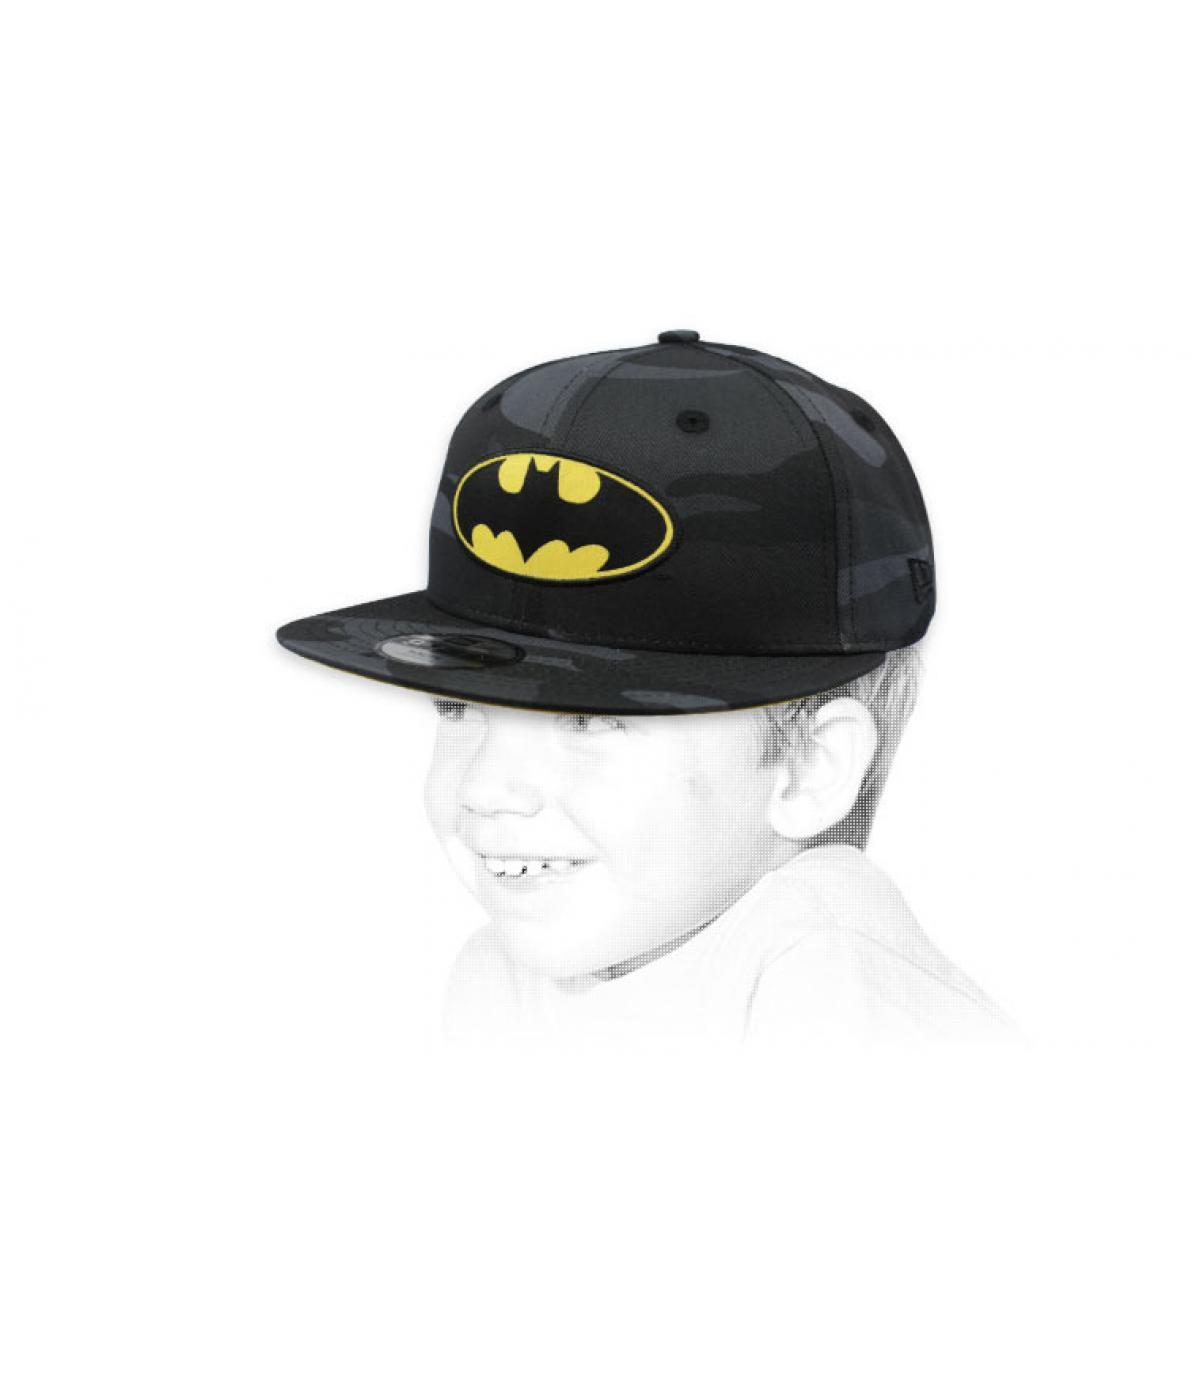 Batman kinderpet